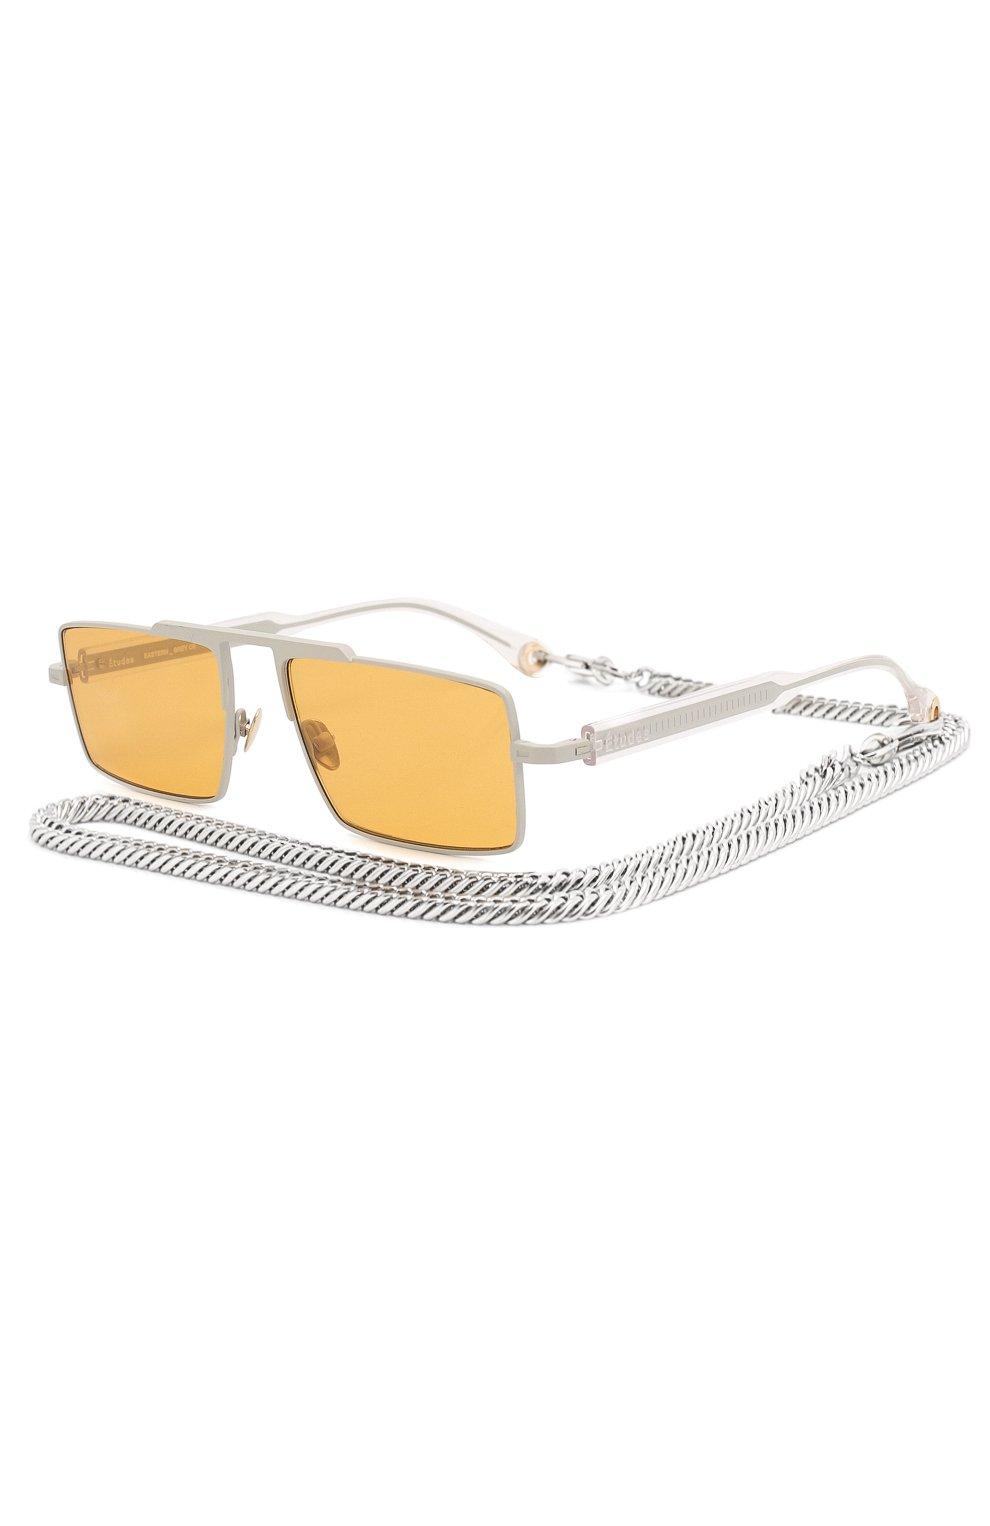 Женские солнцезащитные очки ÉTUDES оранжевого цвета, арт. EASTERN GREY CR WITH CHAIN | Фото 1